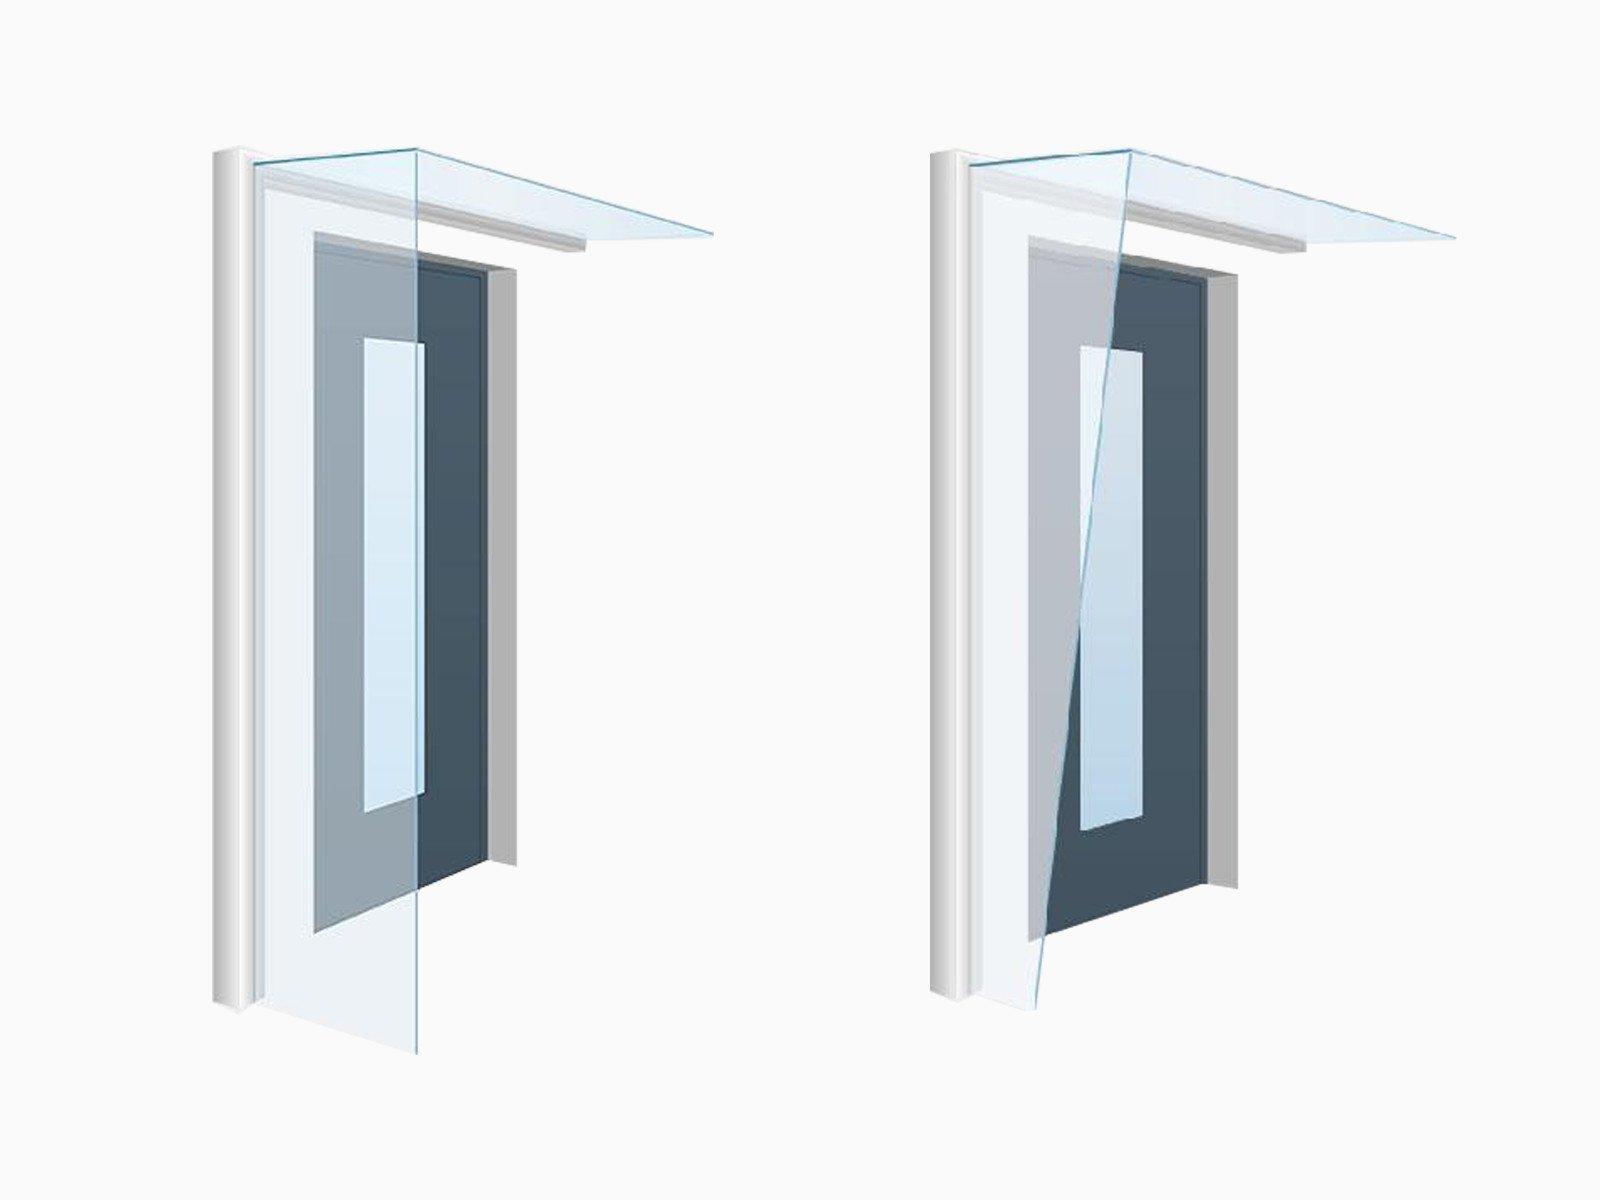 Individuelle Glas und Schrägschnitte beim Seitenwindschutz Blend passend zu jedem Vordach